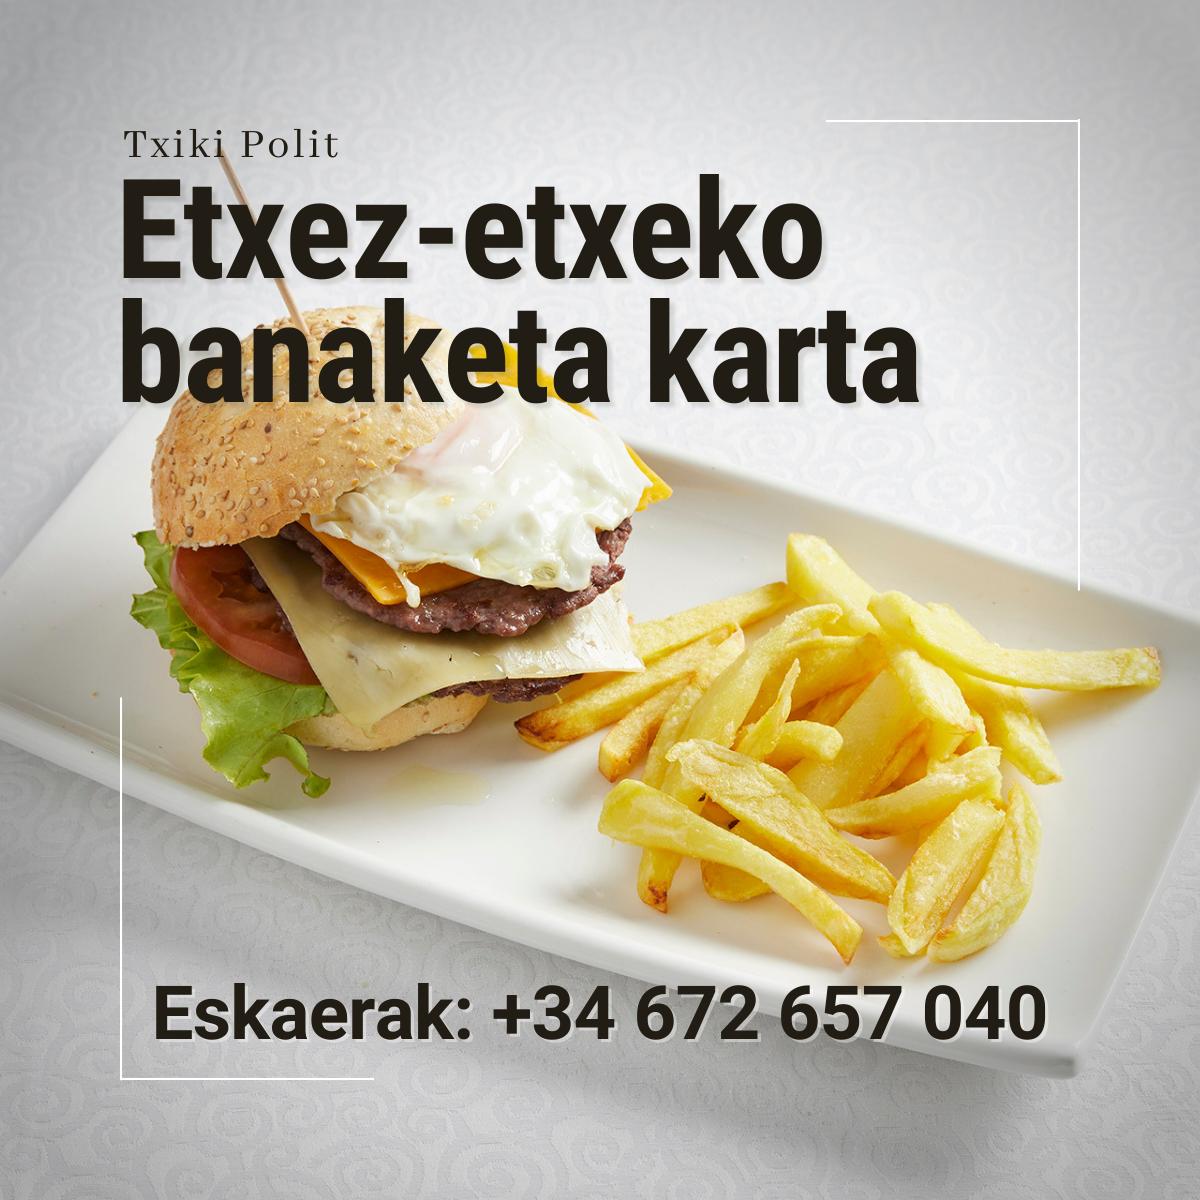 Etxez-Etxeko banaketa, Txiki Polit